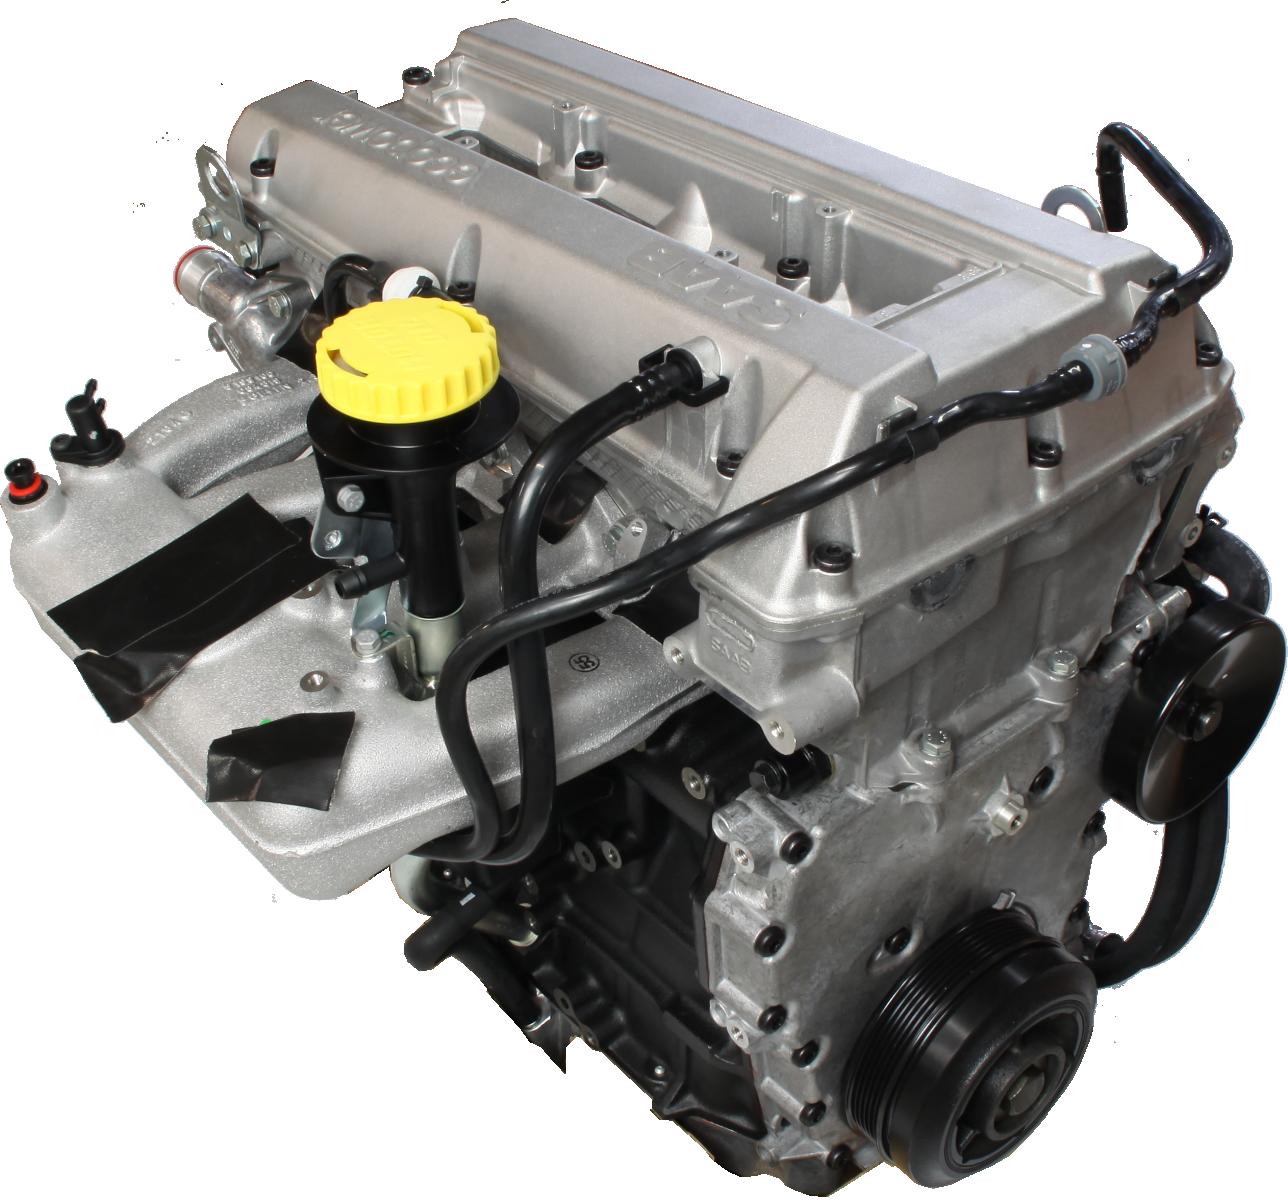 2002 Saab 43594 Transmission: Complete Longblock Engine For Saab 9.5 2.0 Turbo 150 Hp